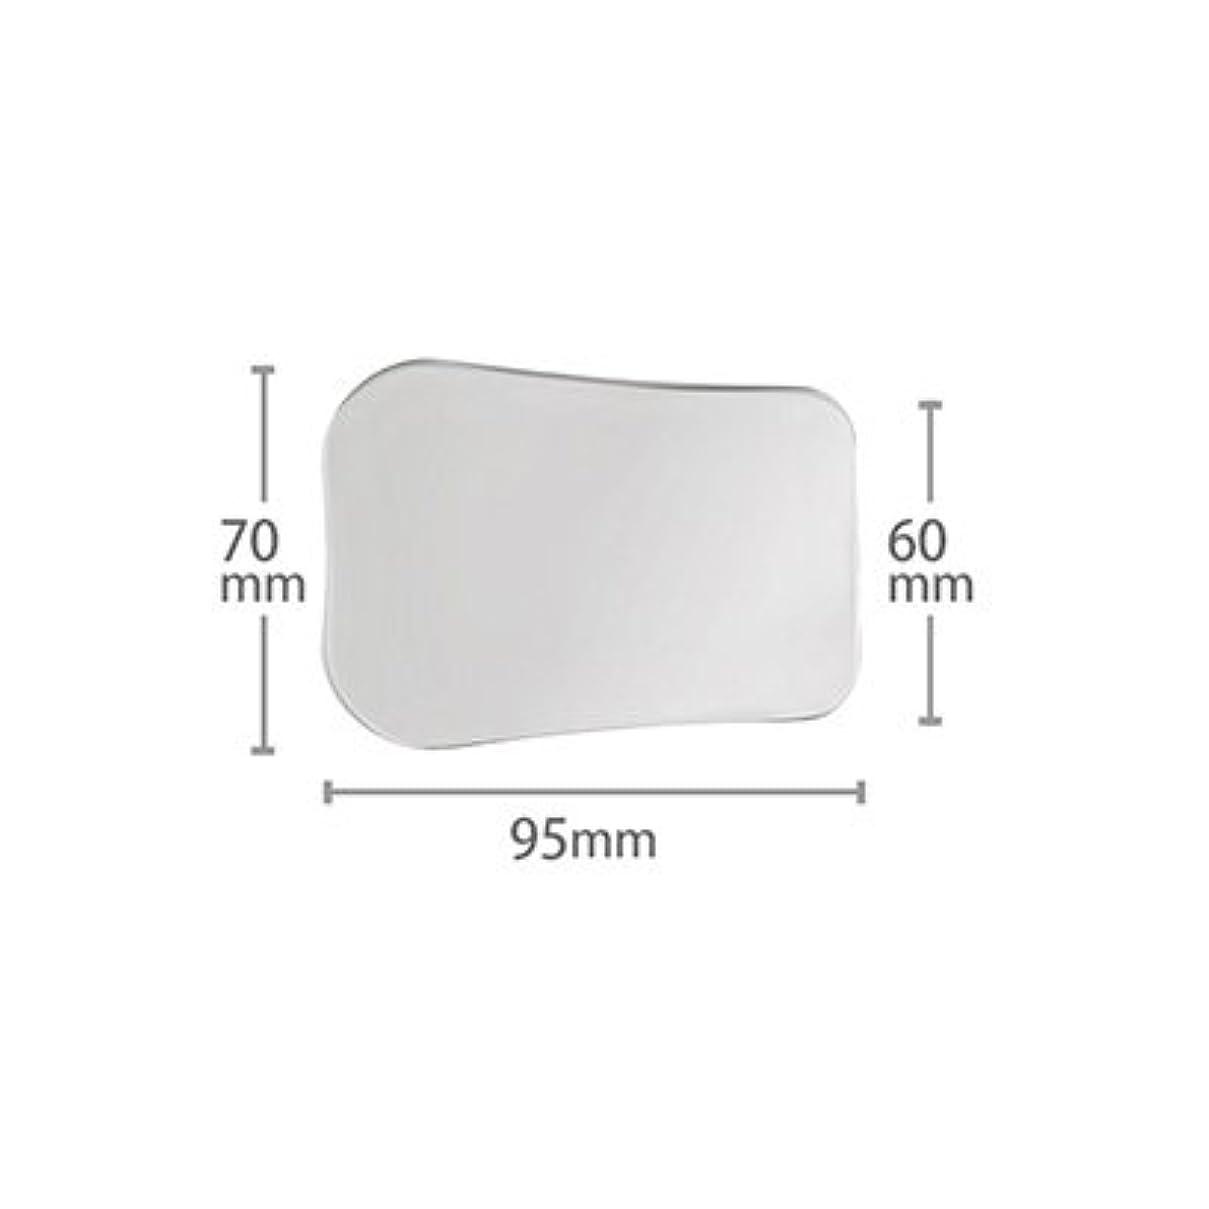 改善昇進レジデンスFEED(フィード) BND 撮影用ステンレスミラーBND 咬合面用 M 口腔内撮影用ミラー 入数 1枚